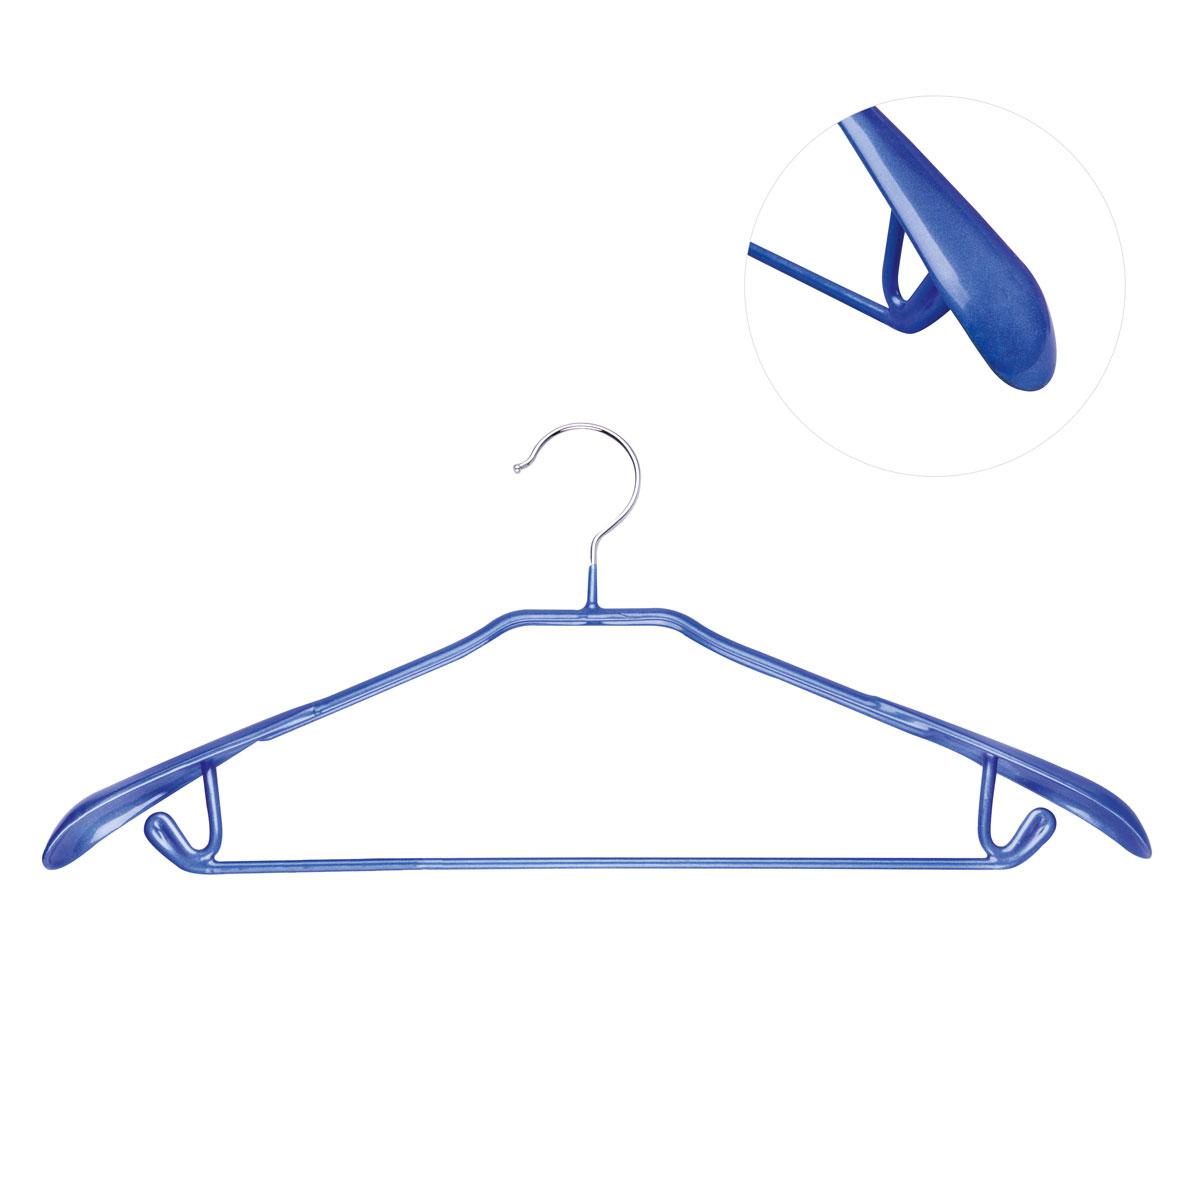 Вешалка для брюк Miolla, цвет: синий, длина 43 см ключницы miolla вешалка ключница сдоба